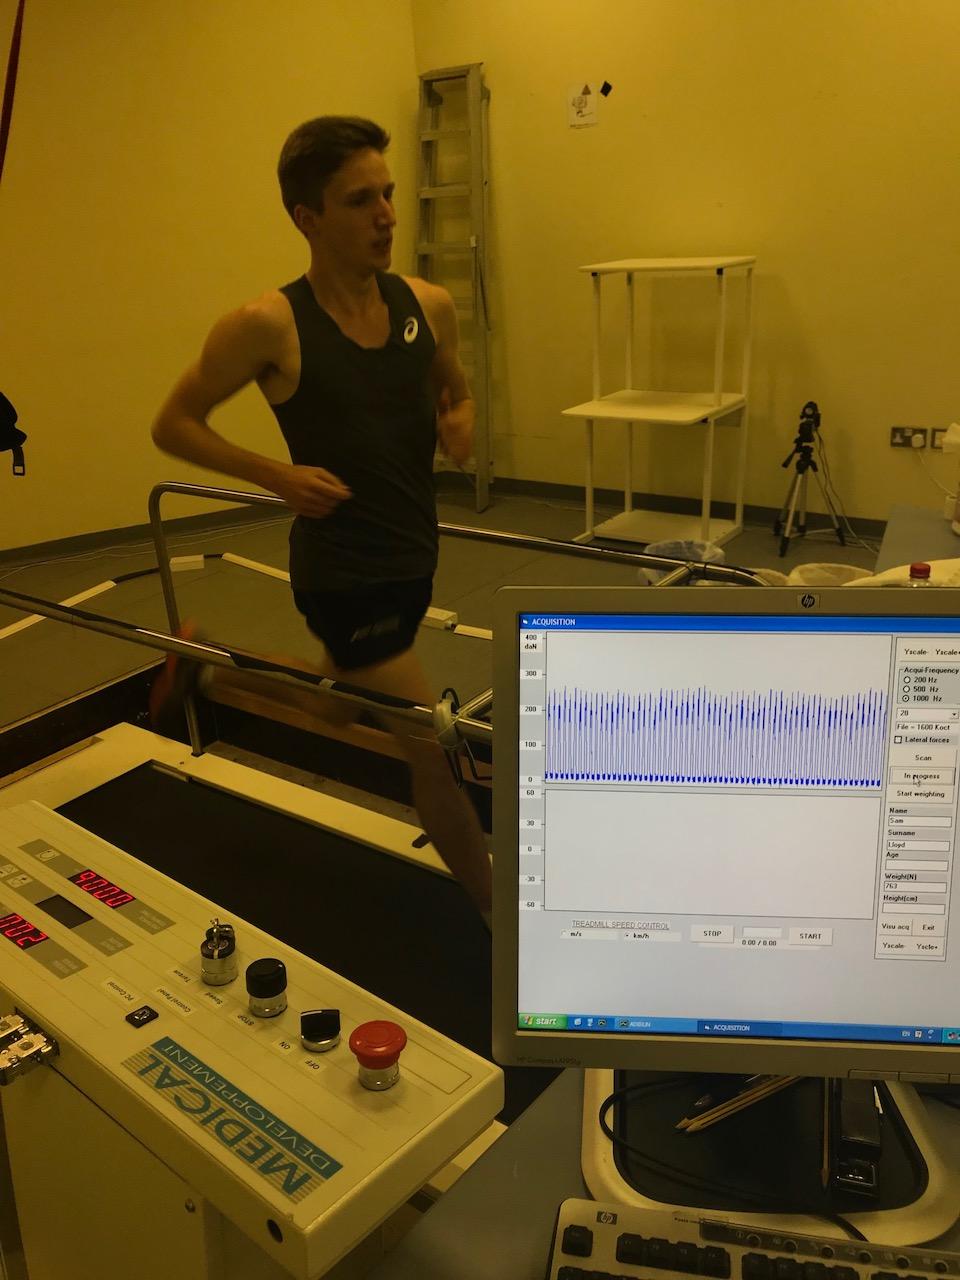 Bilateral leg asymmetry, fatigue & running speed -